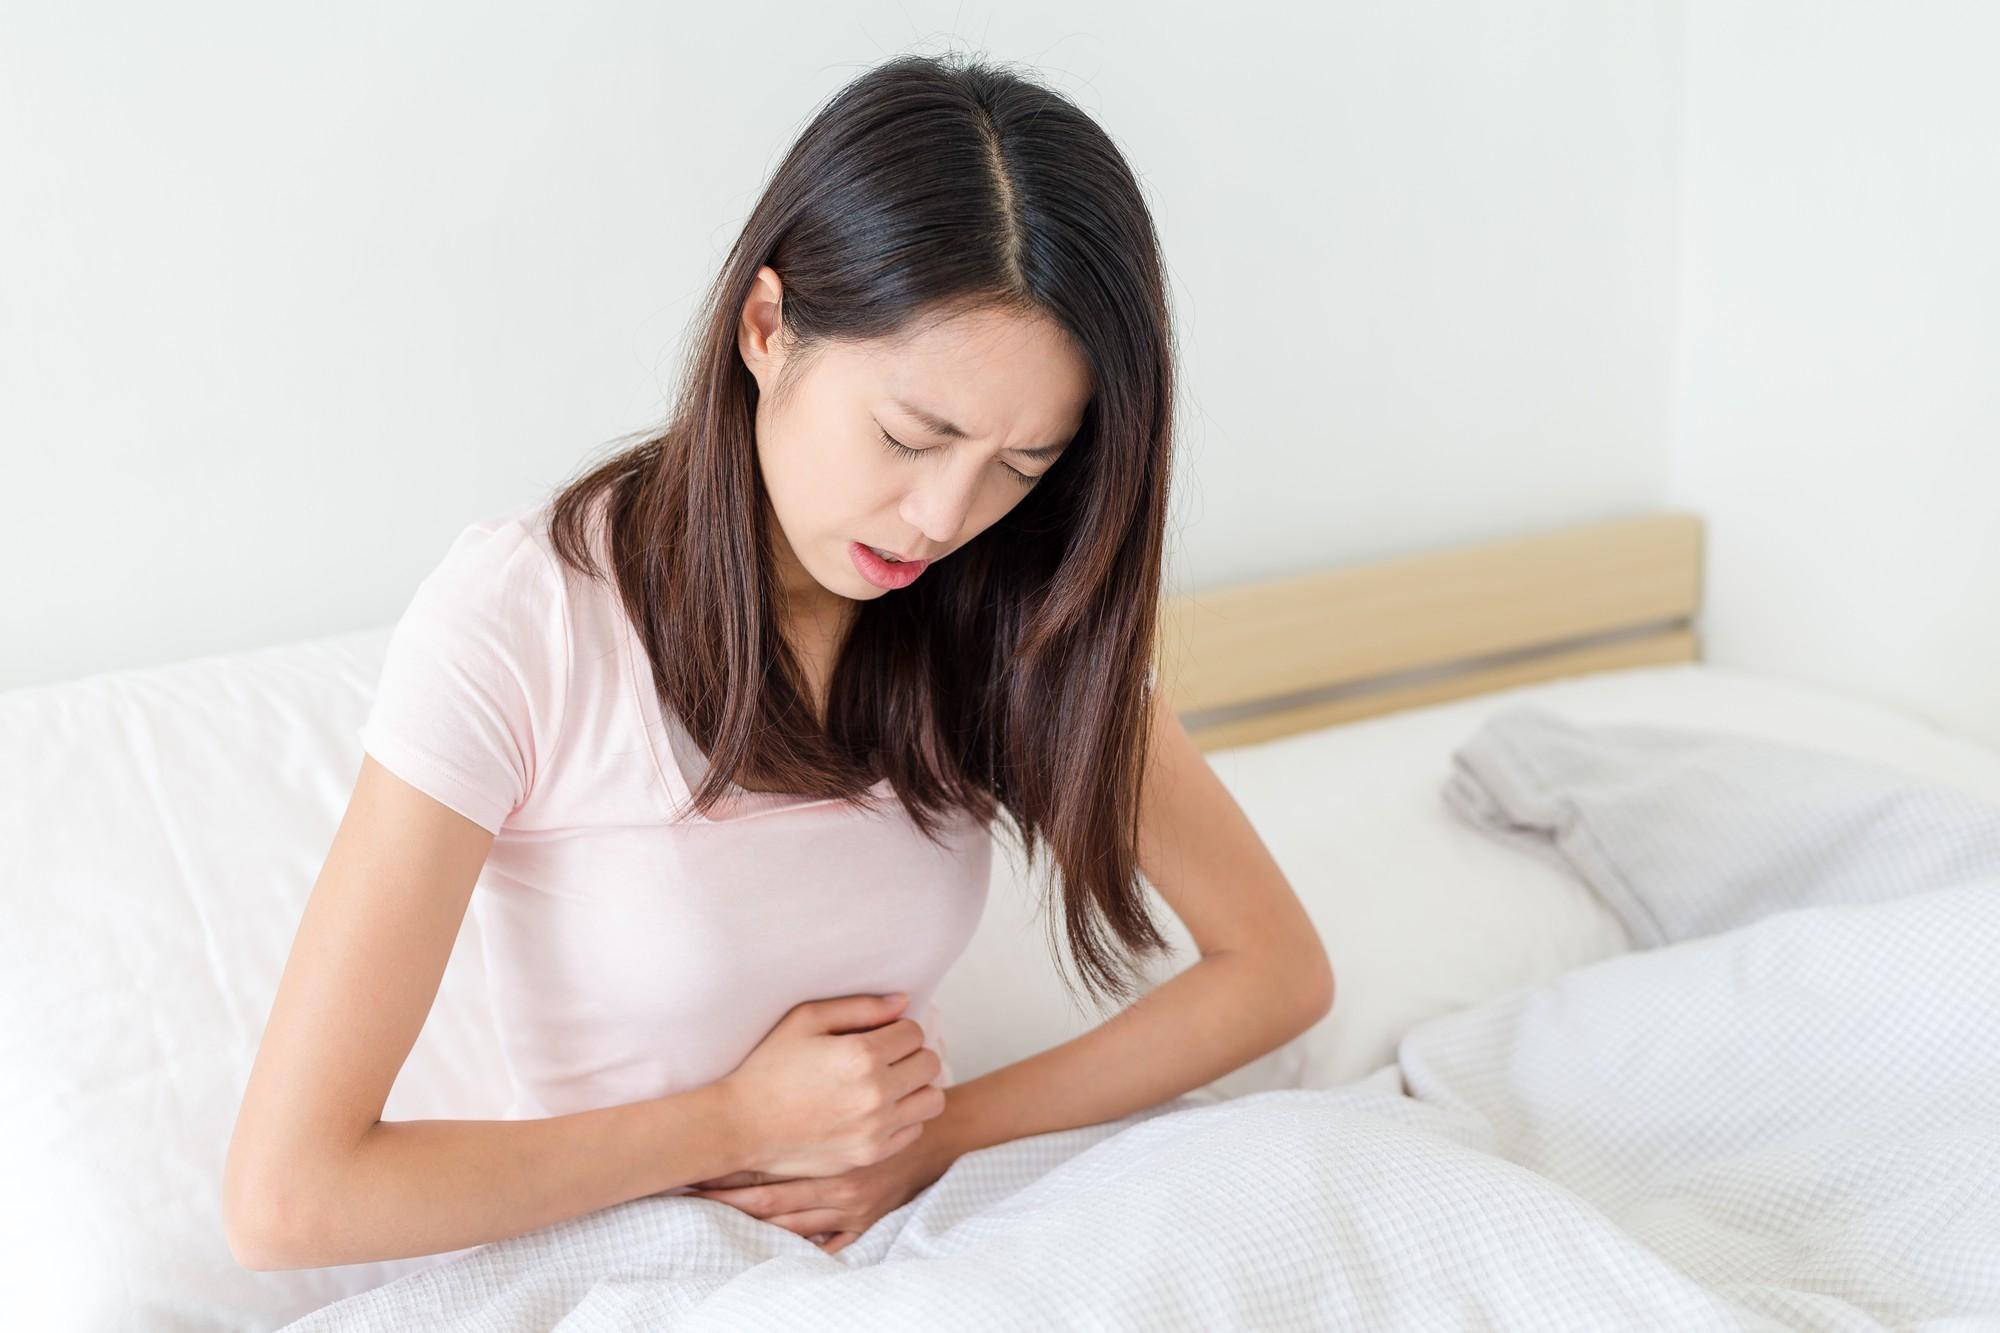 Điều gì sẽ xảy ra với bạn khi chất lượng giấc ngủ giảm sút? - Ảnh 2.